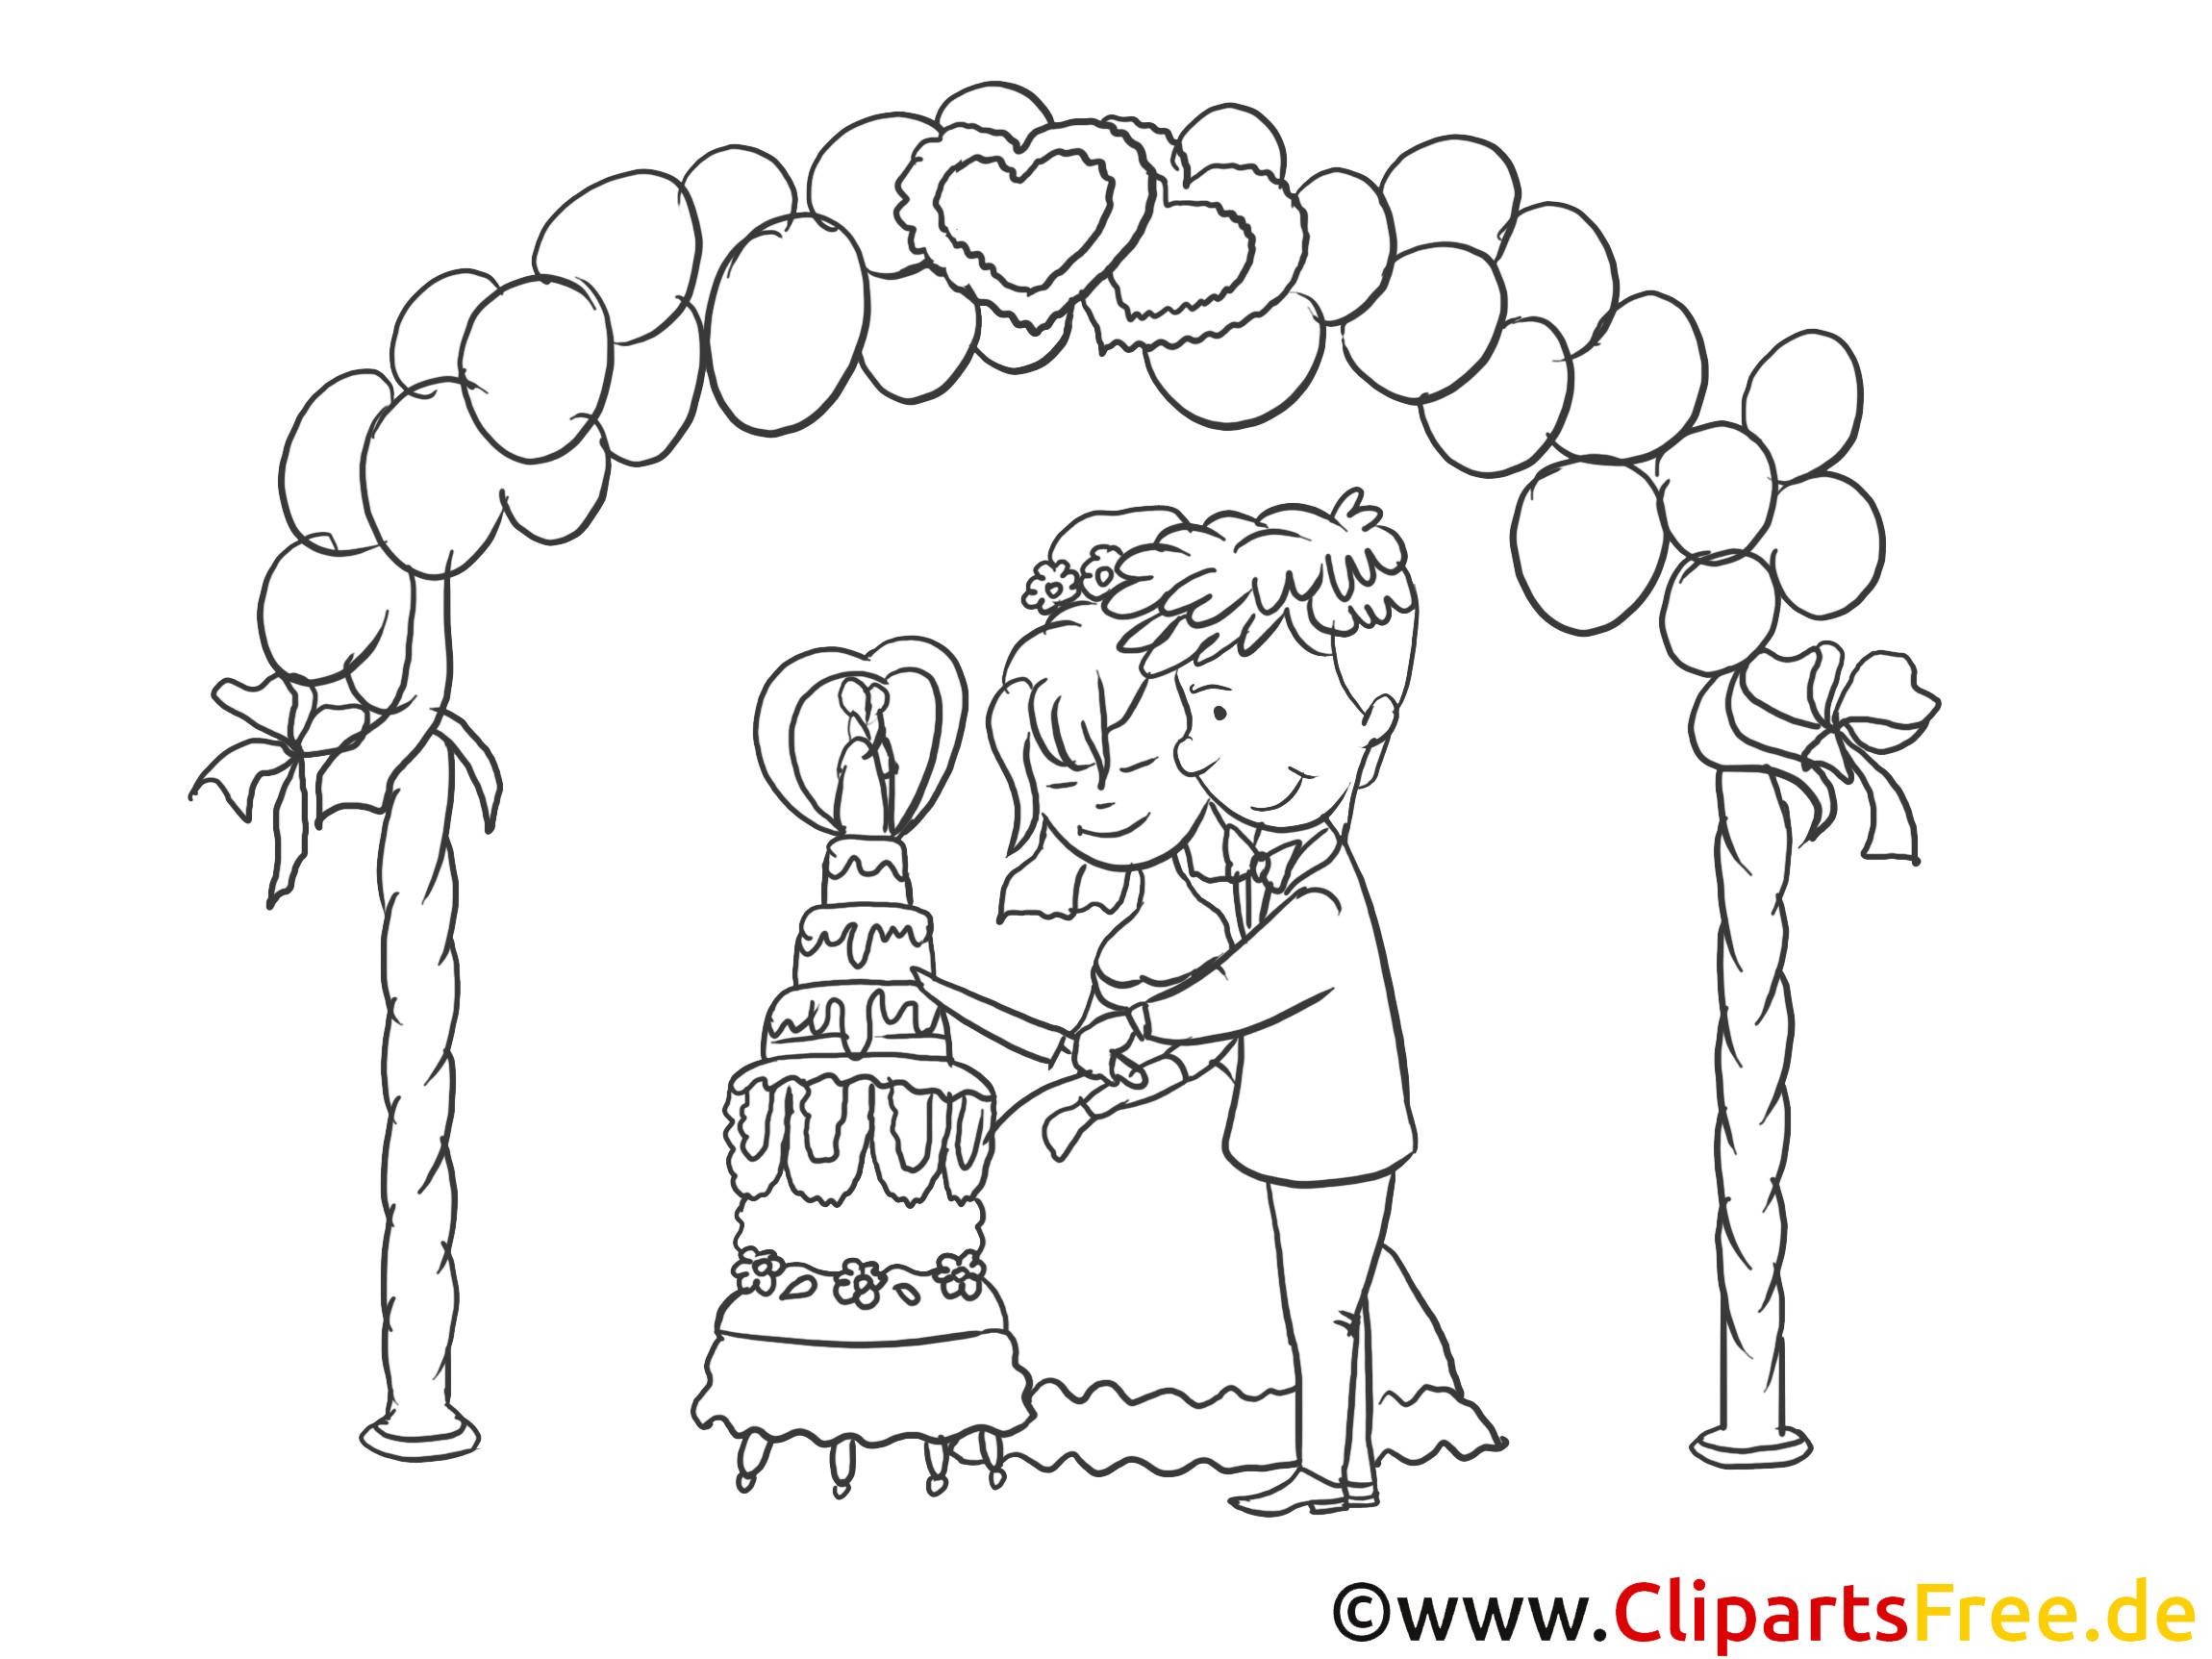 Clipart Hochzeit Schwarz Weiß  Kirchliche Trauung Clipart Zeichnung Bild schwarz weiss